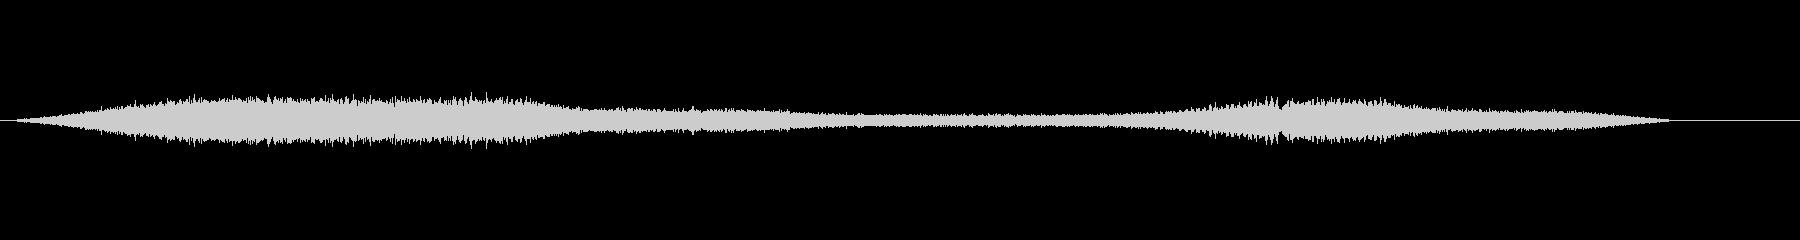 クリケット_シガラの未再生の波形